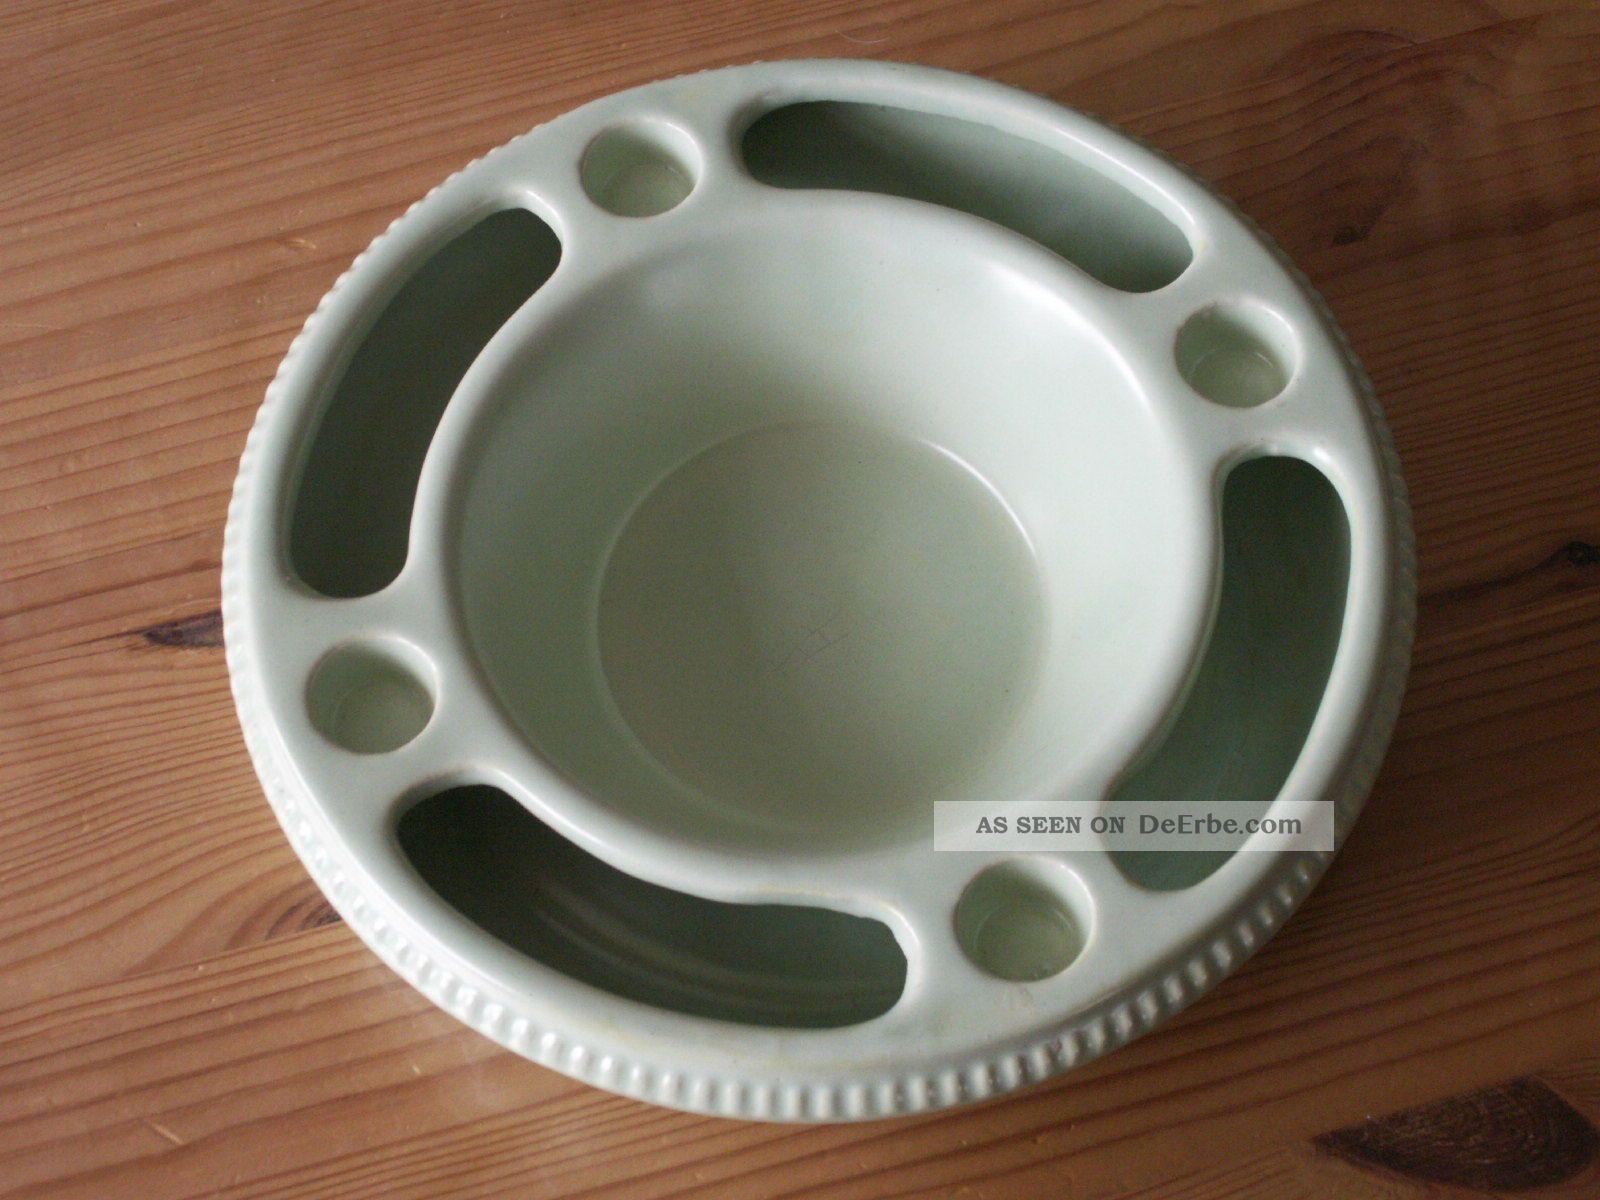 Dachbodenfund keramik adventskranz 60 70er jahre jasba steckring hellgr n - Design adventskranz ...